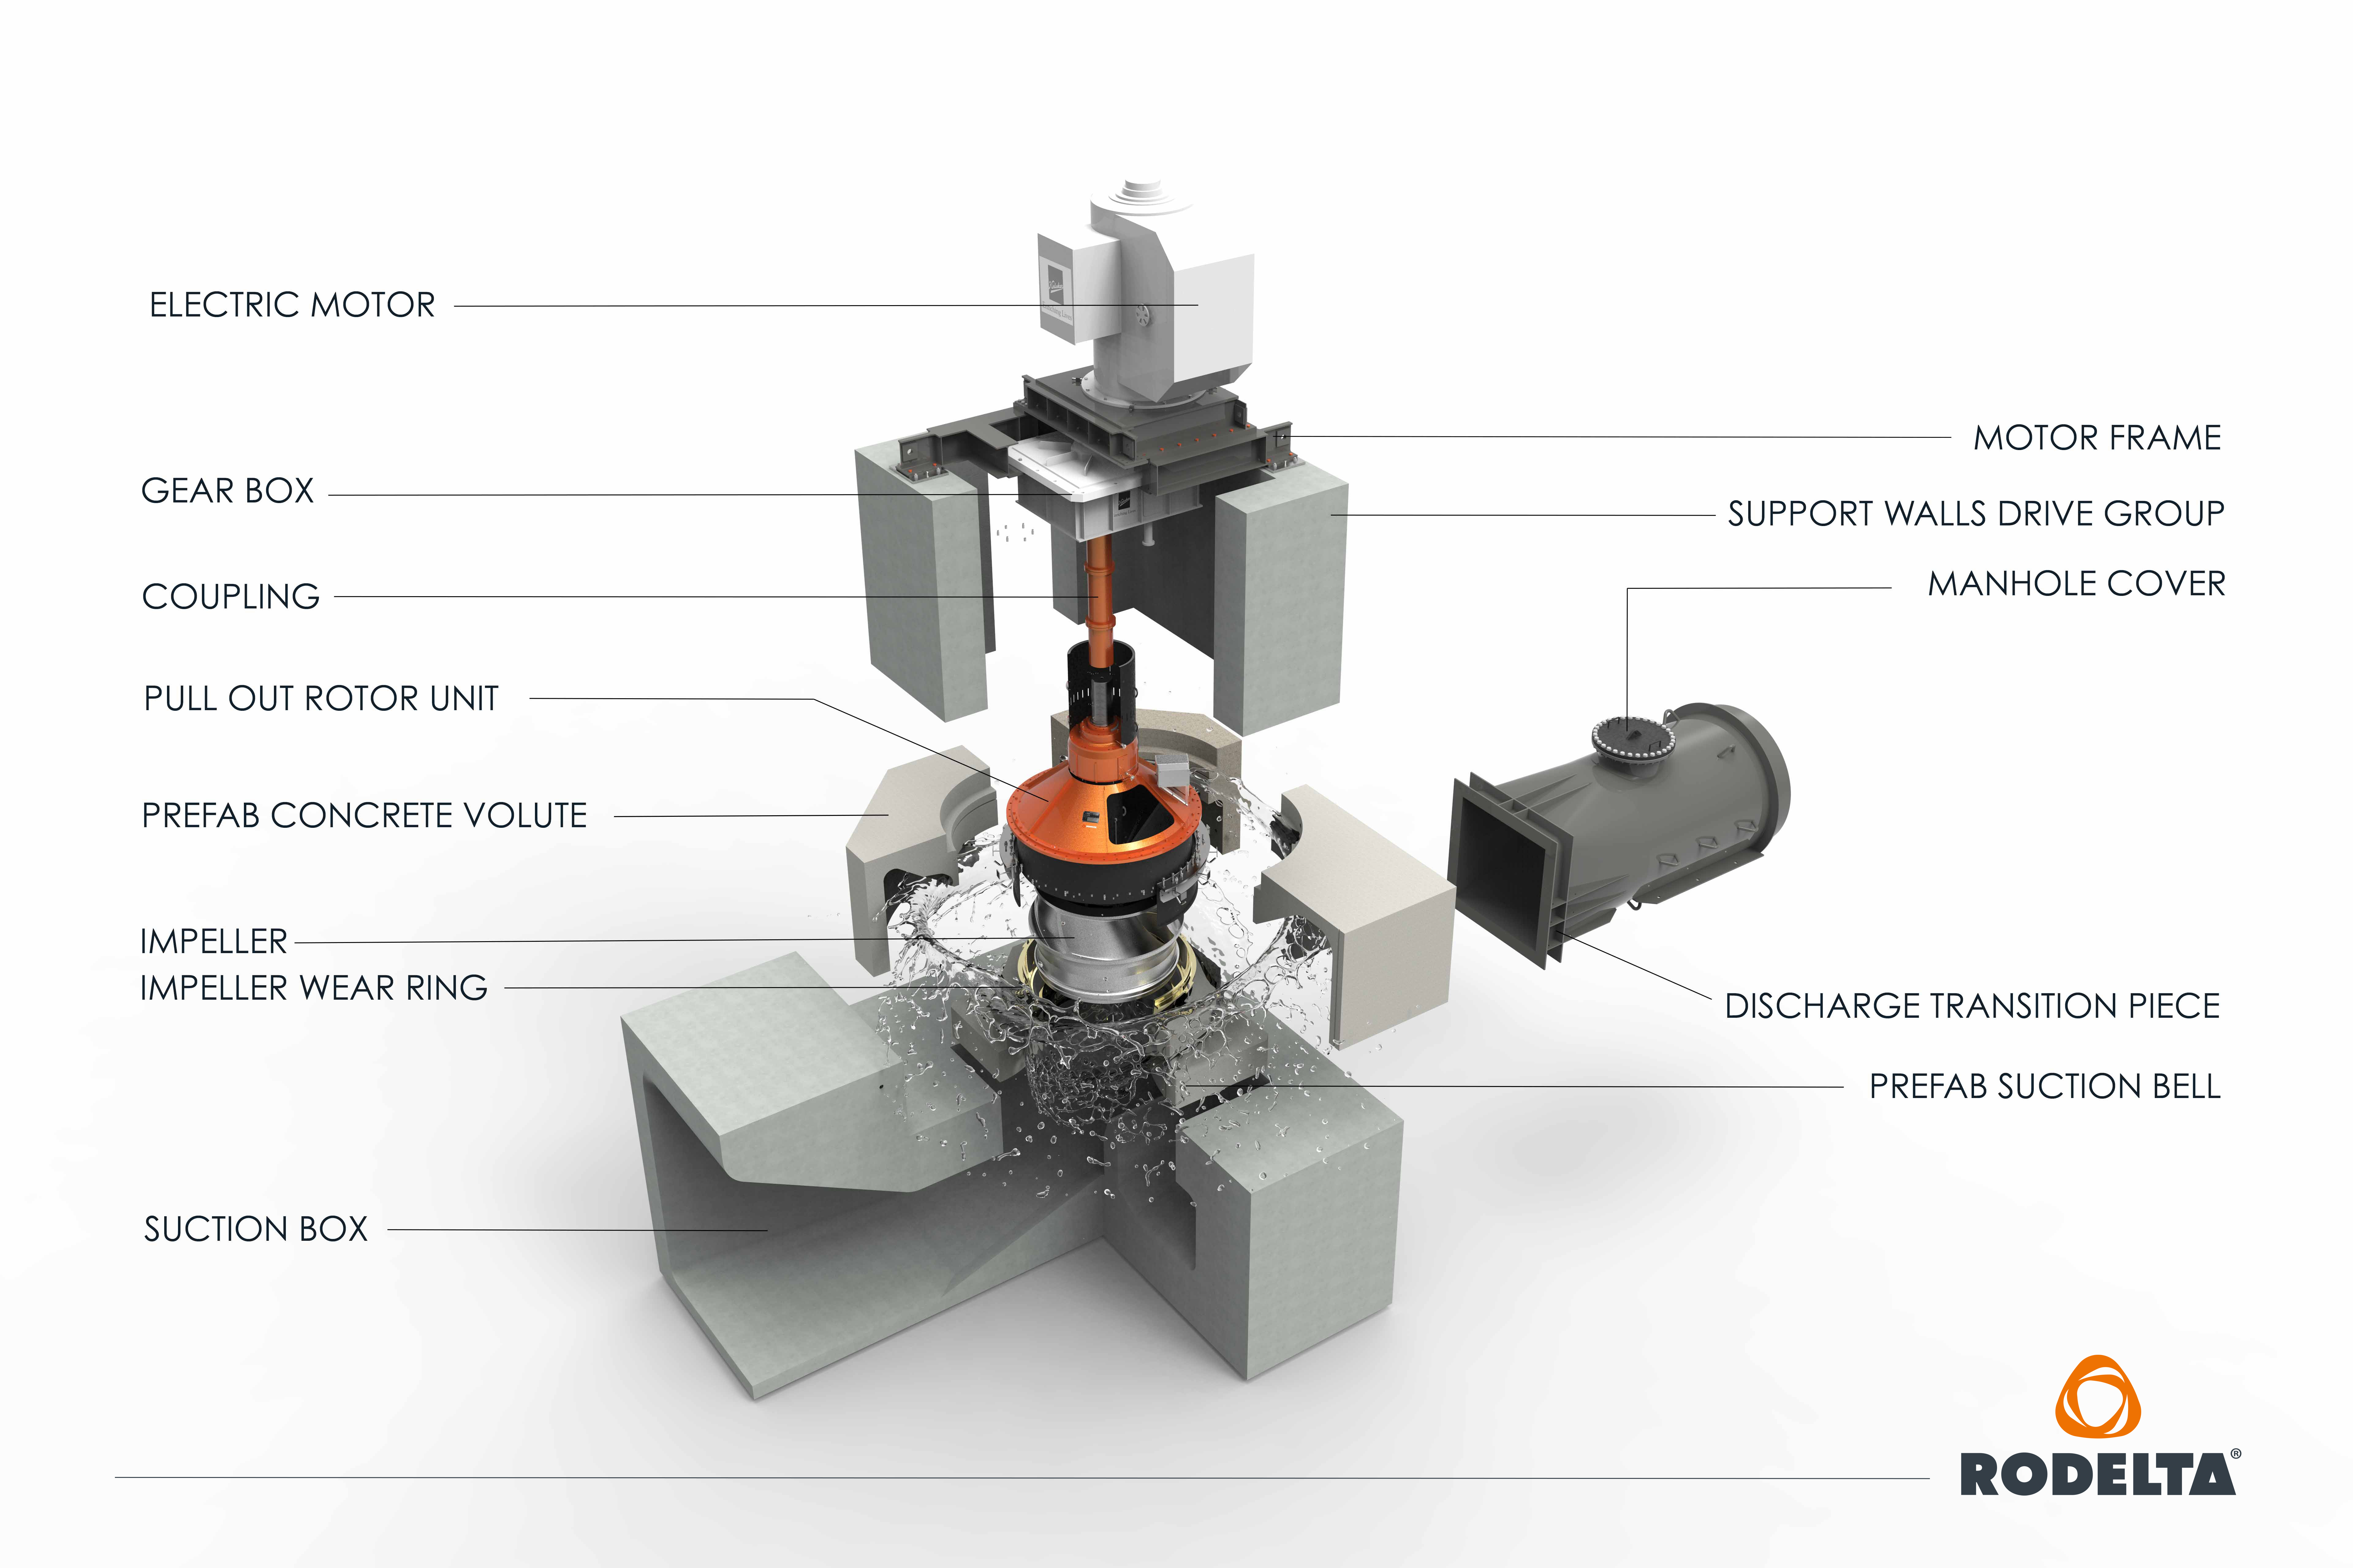 CVP (Concrete Volute Pump) - Rodelta